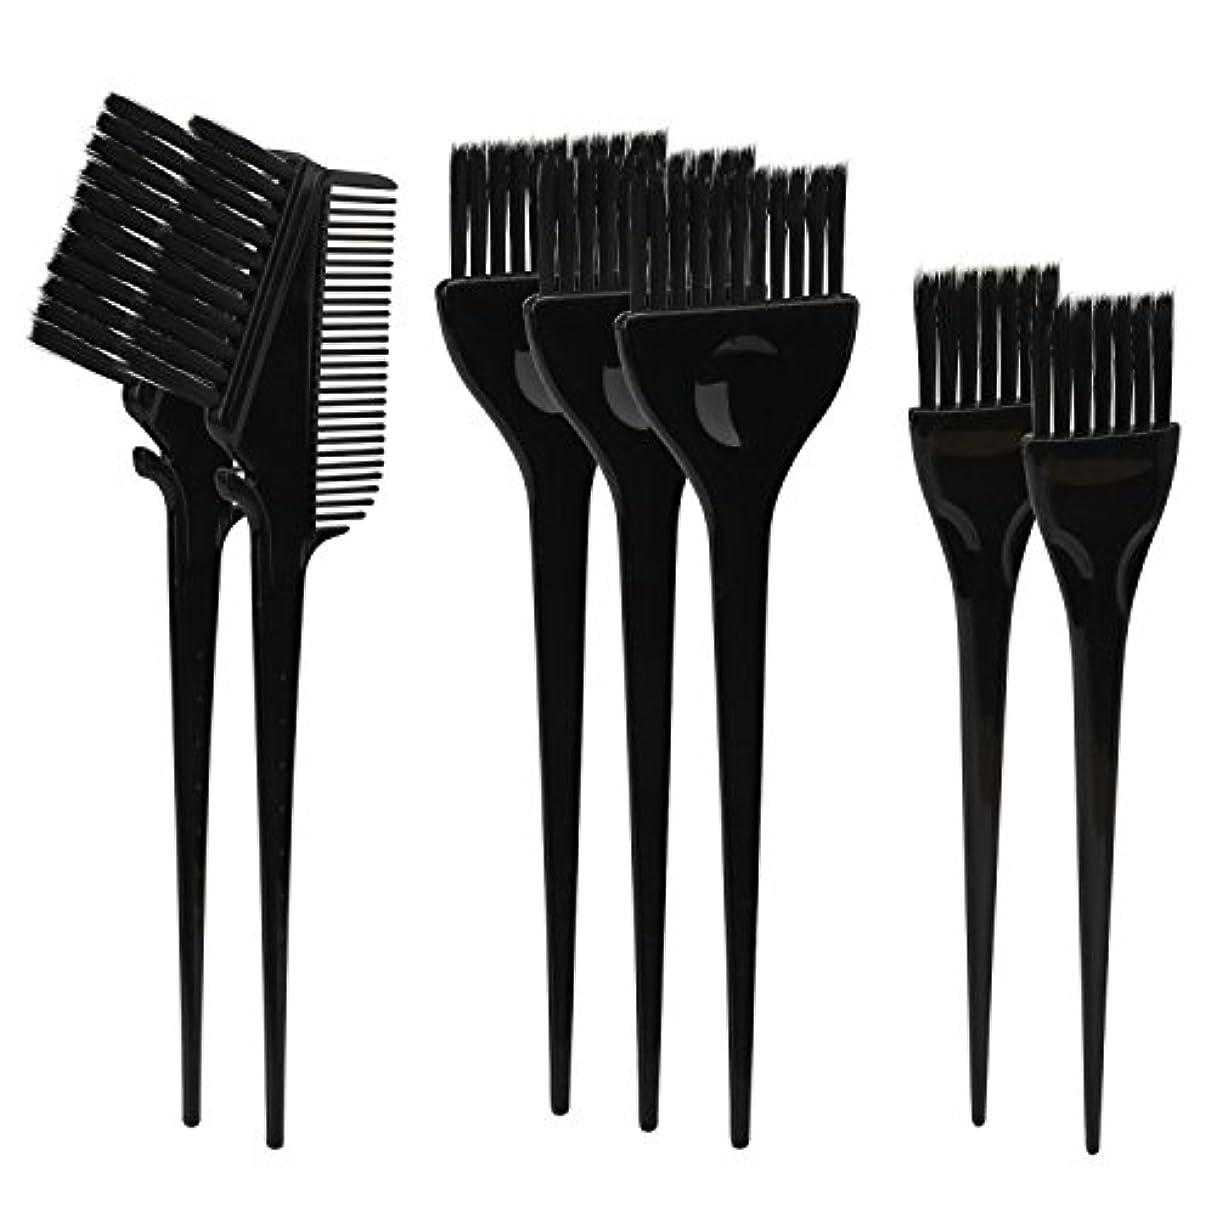 エピソード扇動する利得Segbeauty ヘアカラー DIY プロ髪染め用のブラシ 7pcs 美髪師用 サロン工具セット